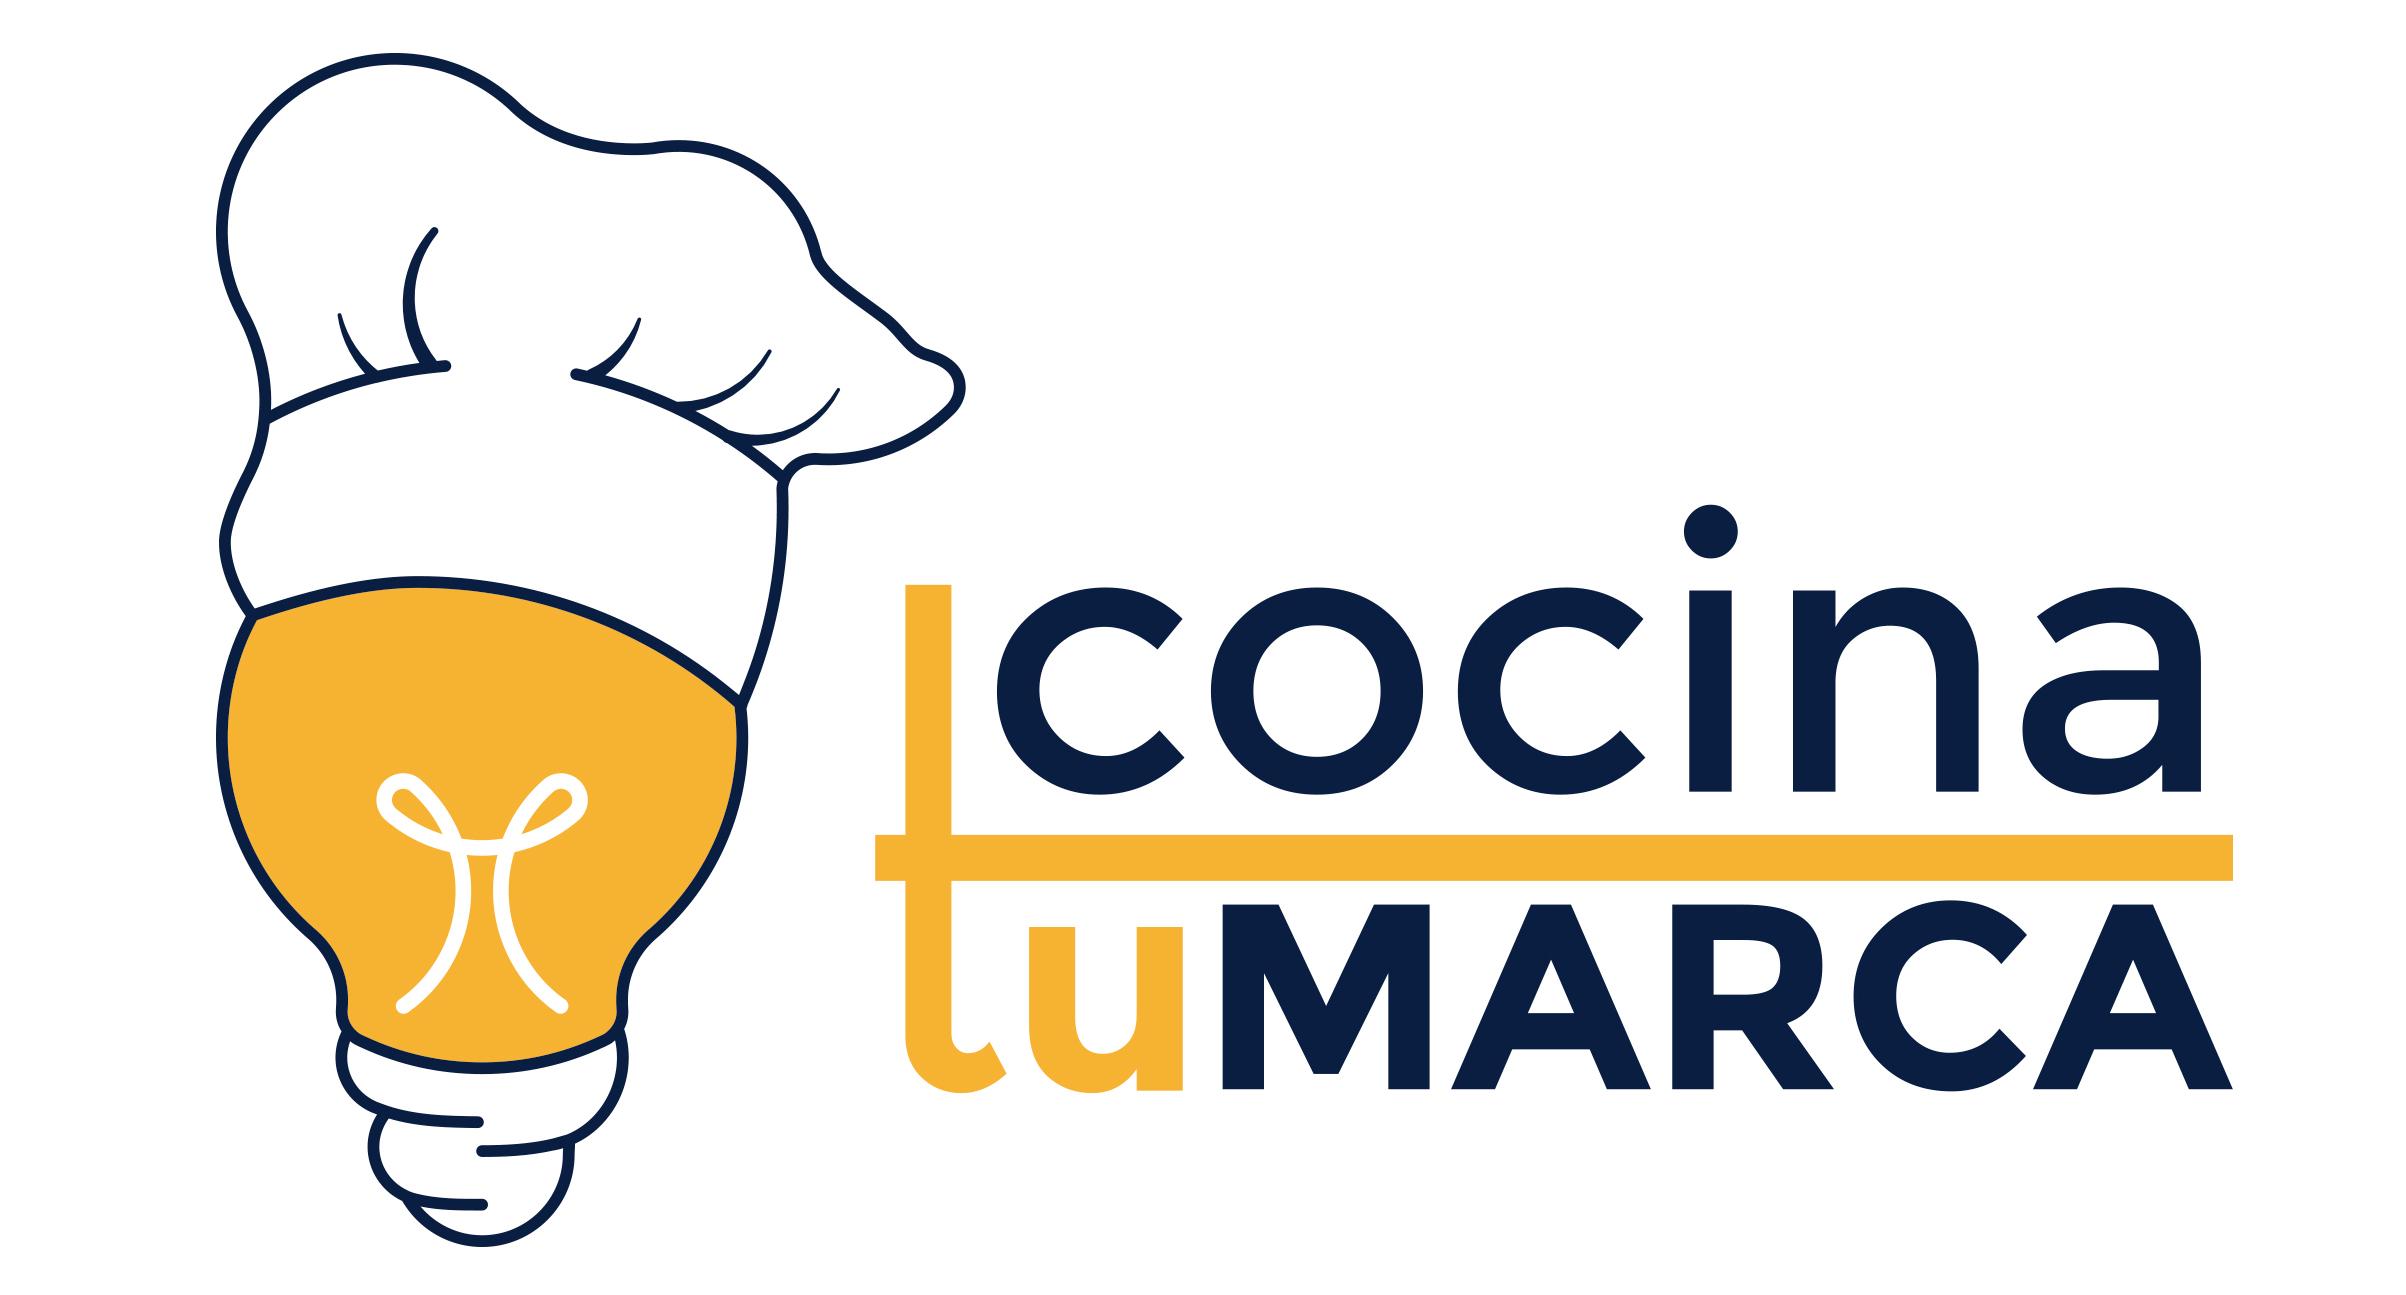 Cocina tu marca